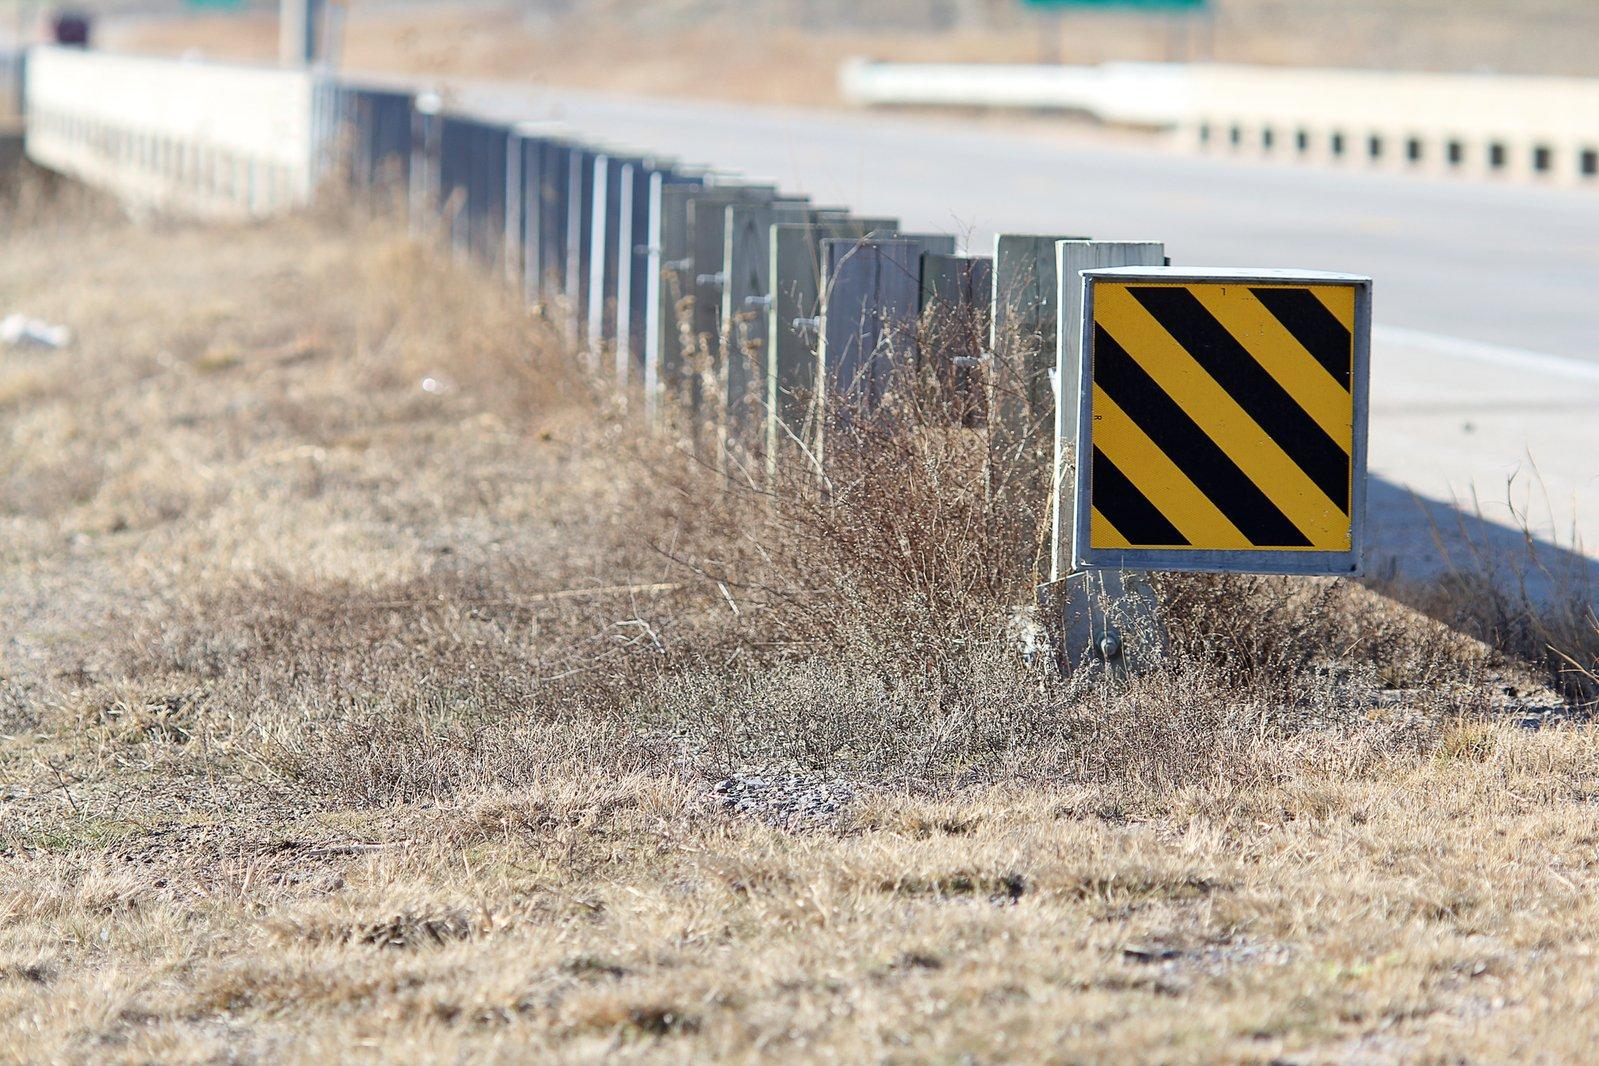 Roadside Barrier Warning Sign